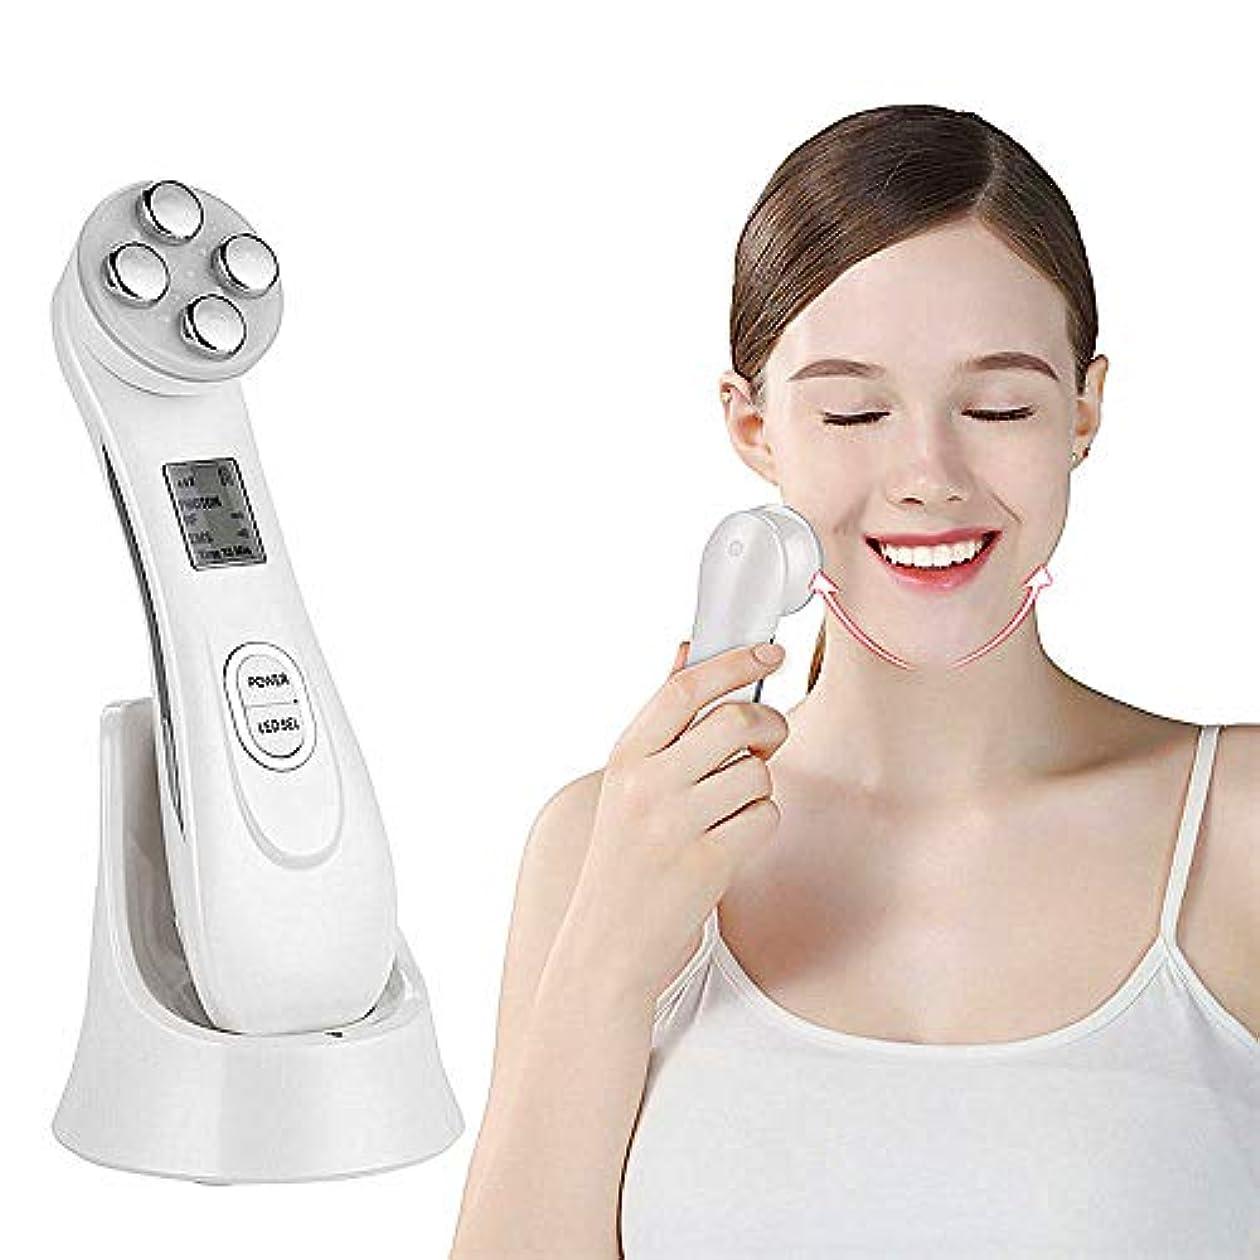 消費者不可能な幻想的顔スキン EMS メソセラピーエレクトロポレーション RF ラジオ周波数顔 LED フォトンスキンケアデバイスフェイスリフティングは、美容ツールを締めます